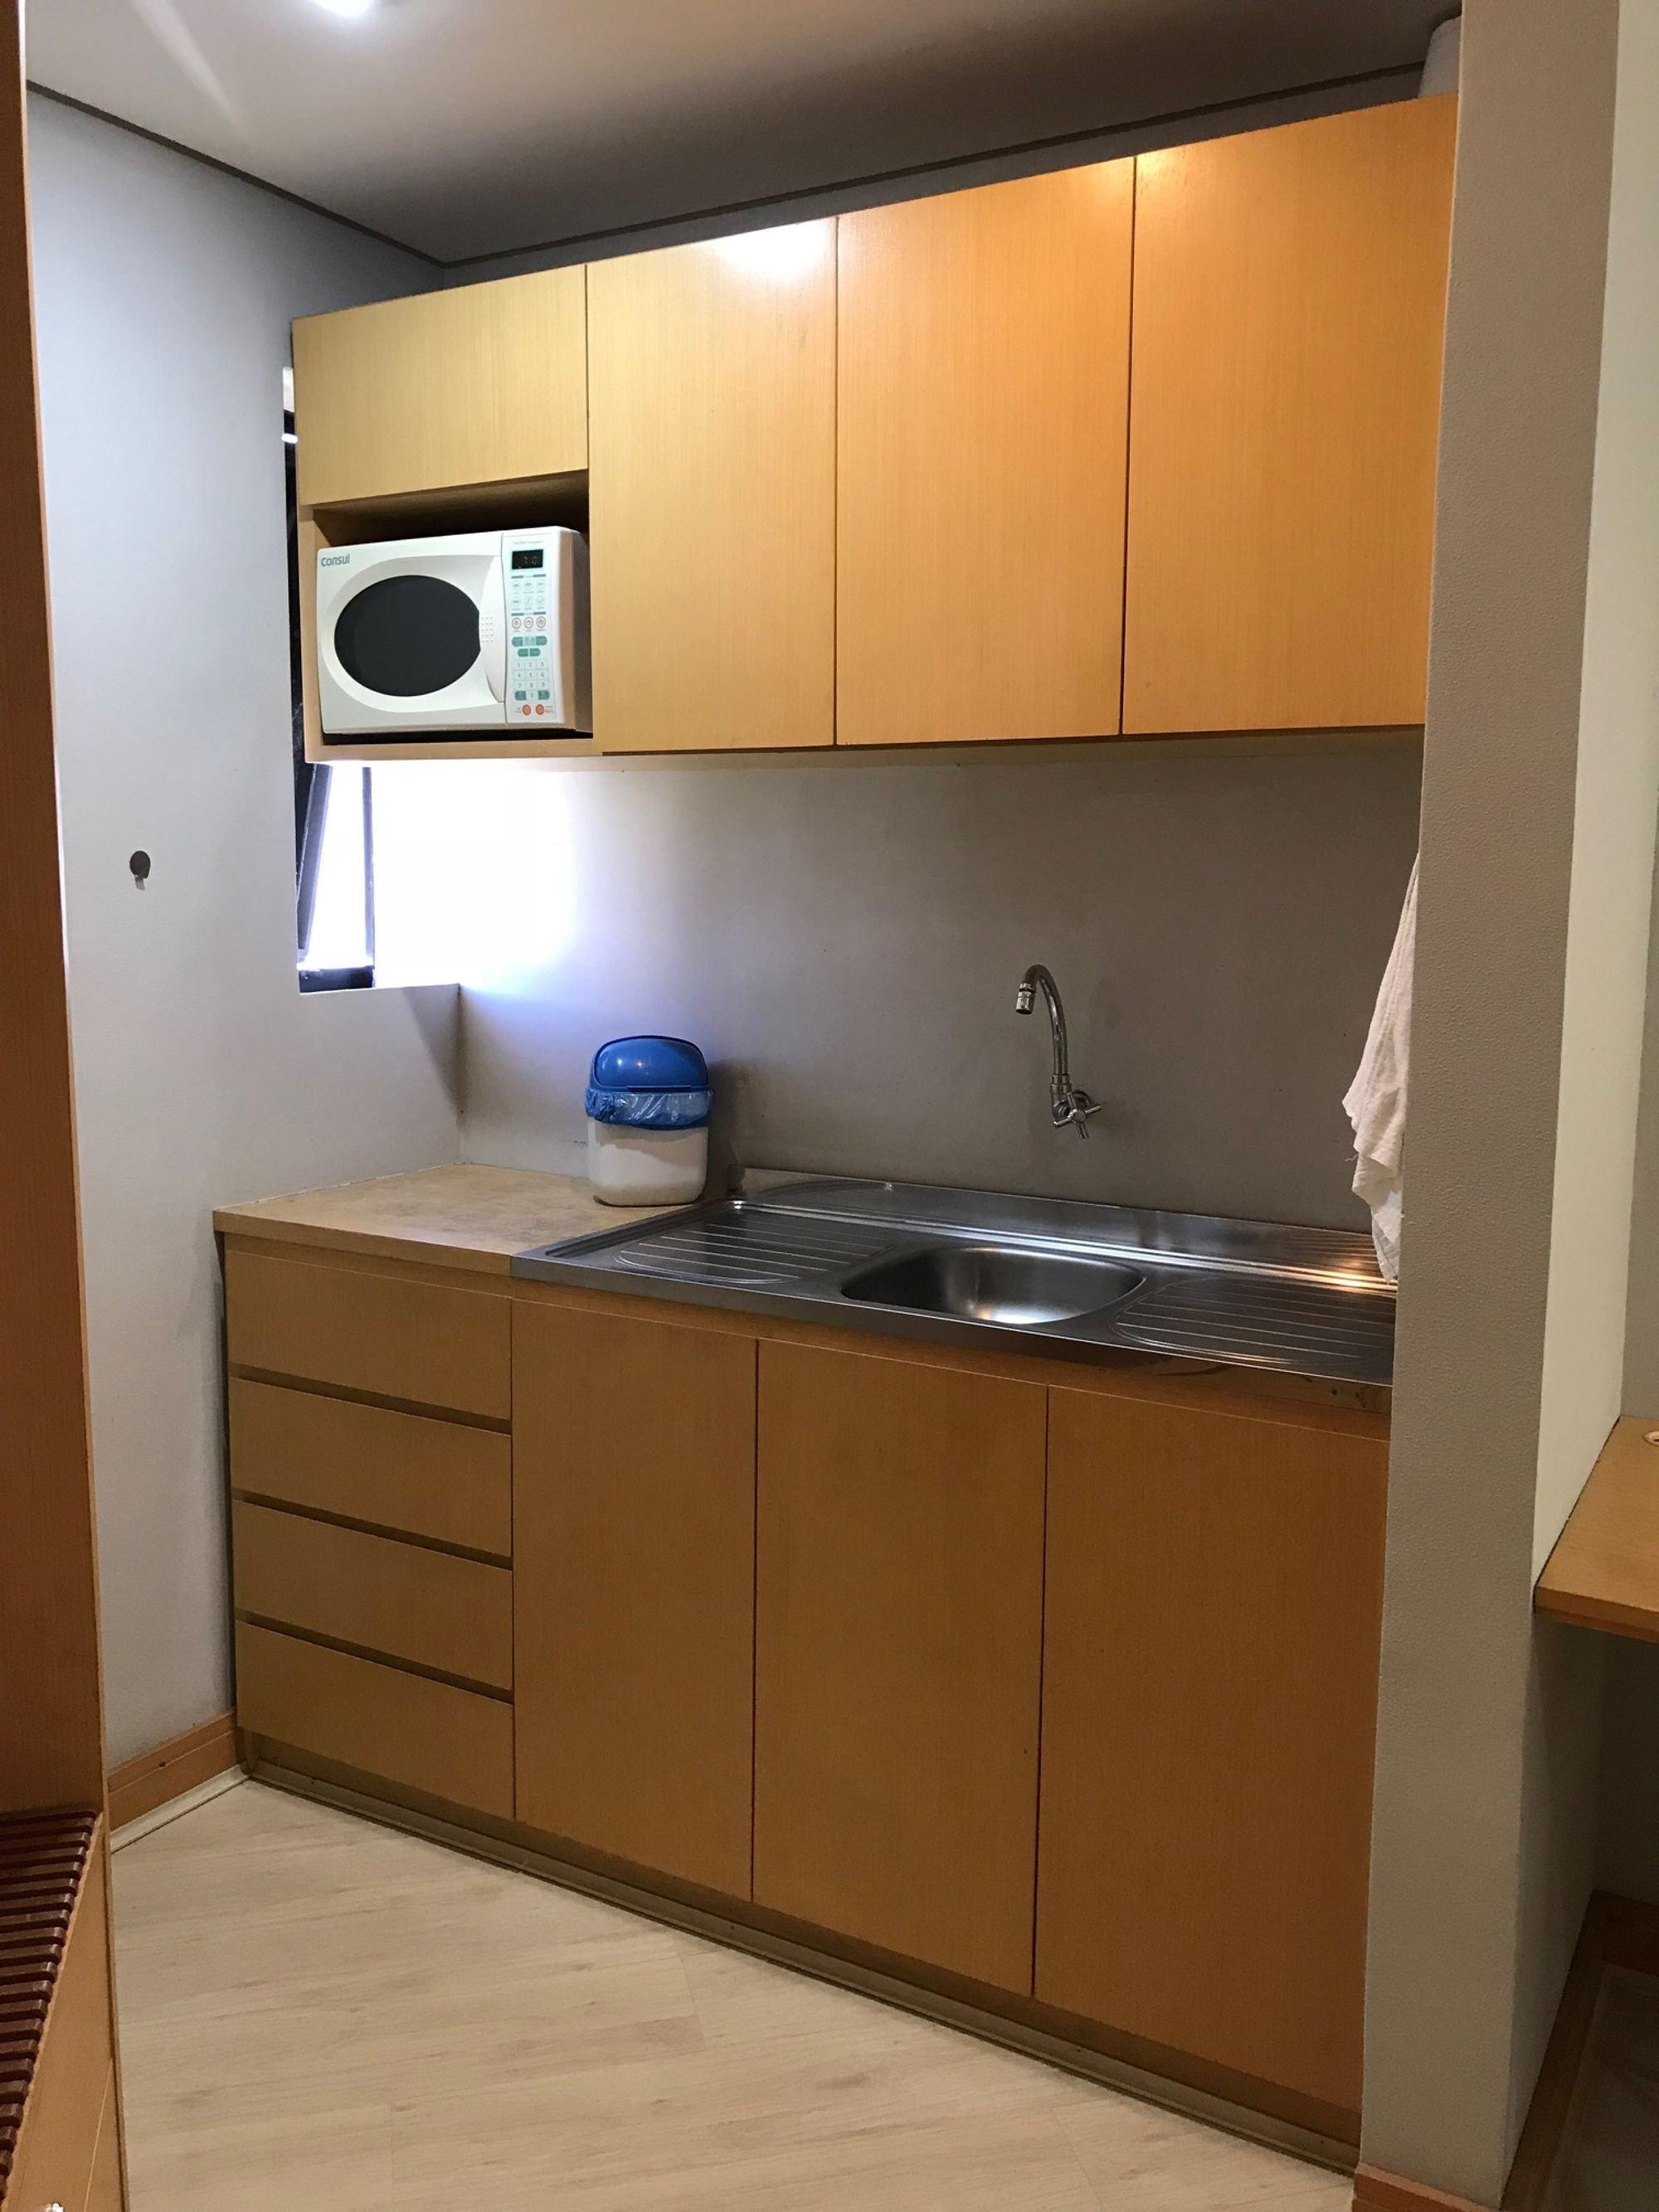 Foto de Cozinha com pia, microondas